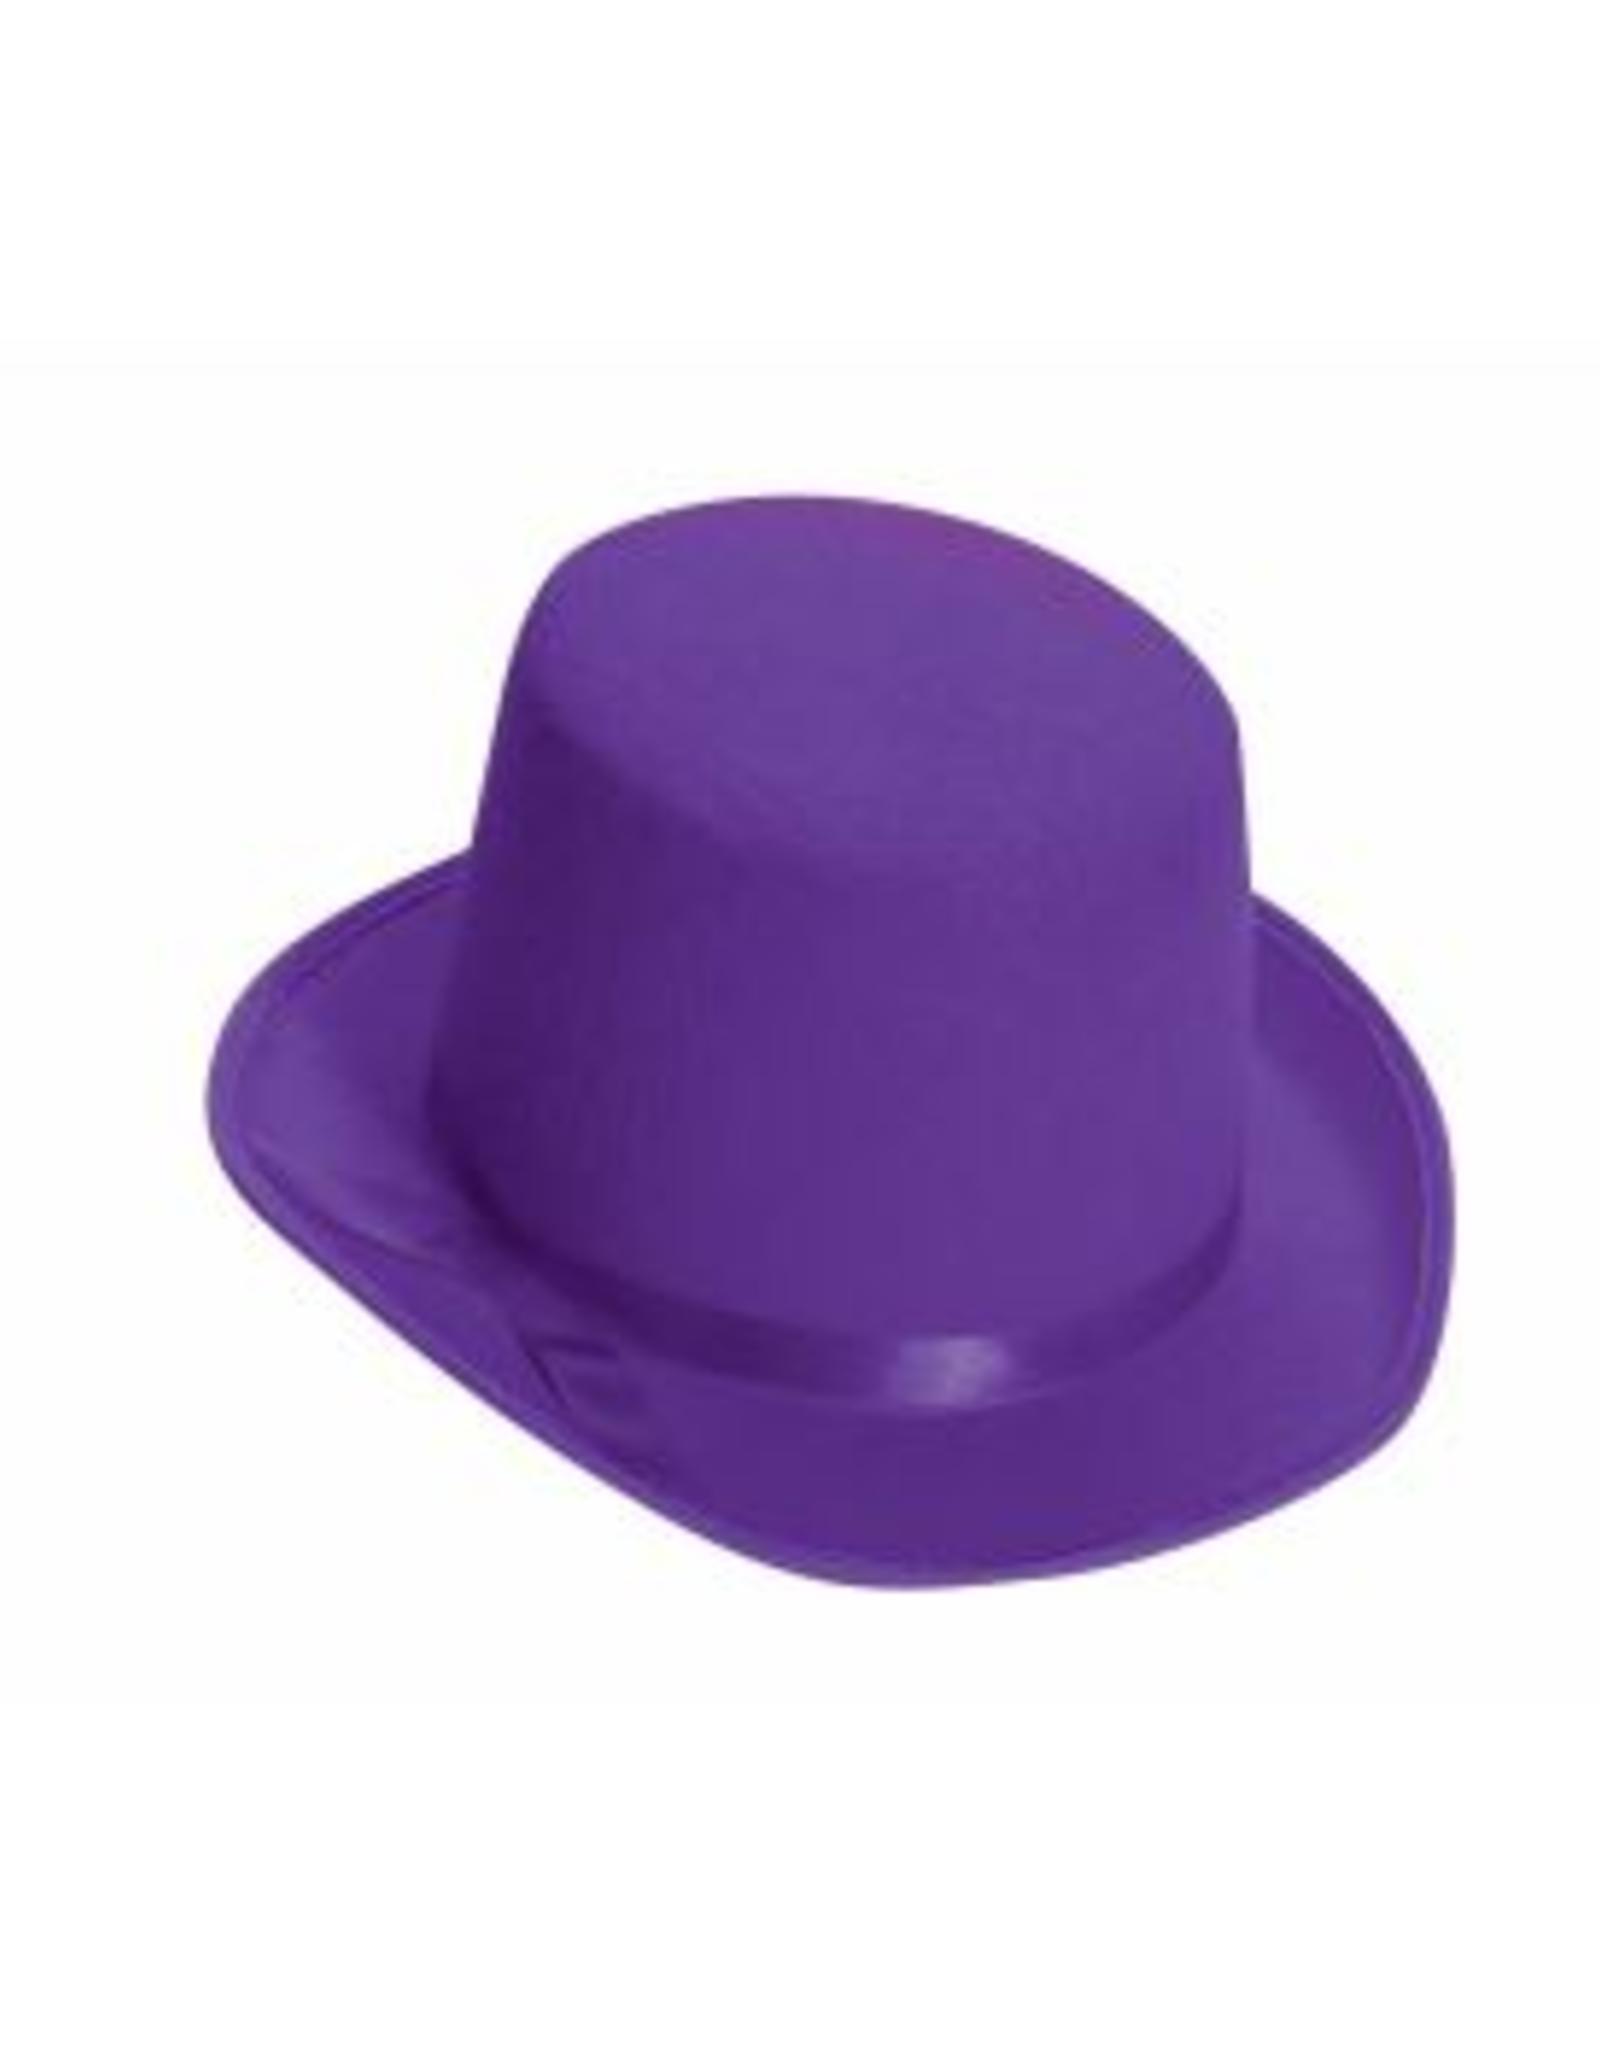 HAT-TOP HAT, DELUXE, PURPLE